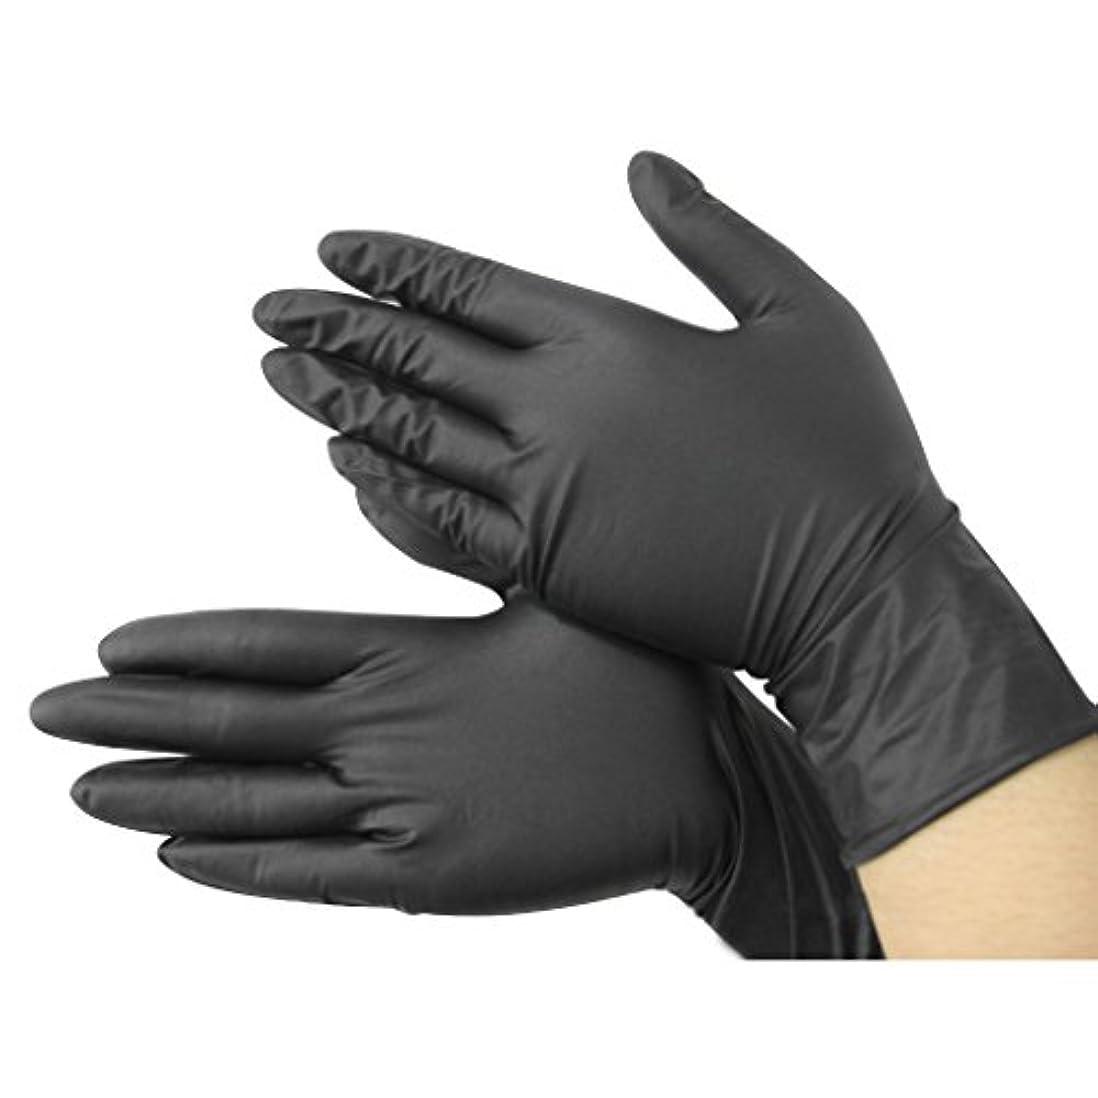 するエコー基礎理論Gaoominy 黒いニトリル使い捨てクール手袋 パワーフリーX100 - 入れ墨 - メカニック 新しい